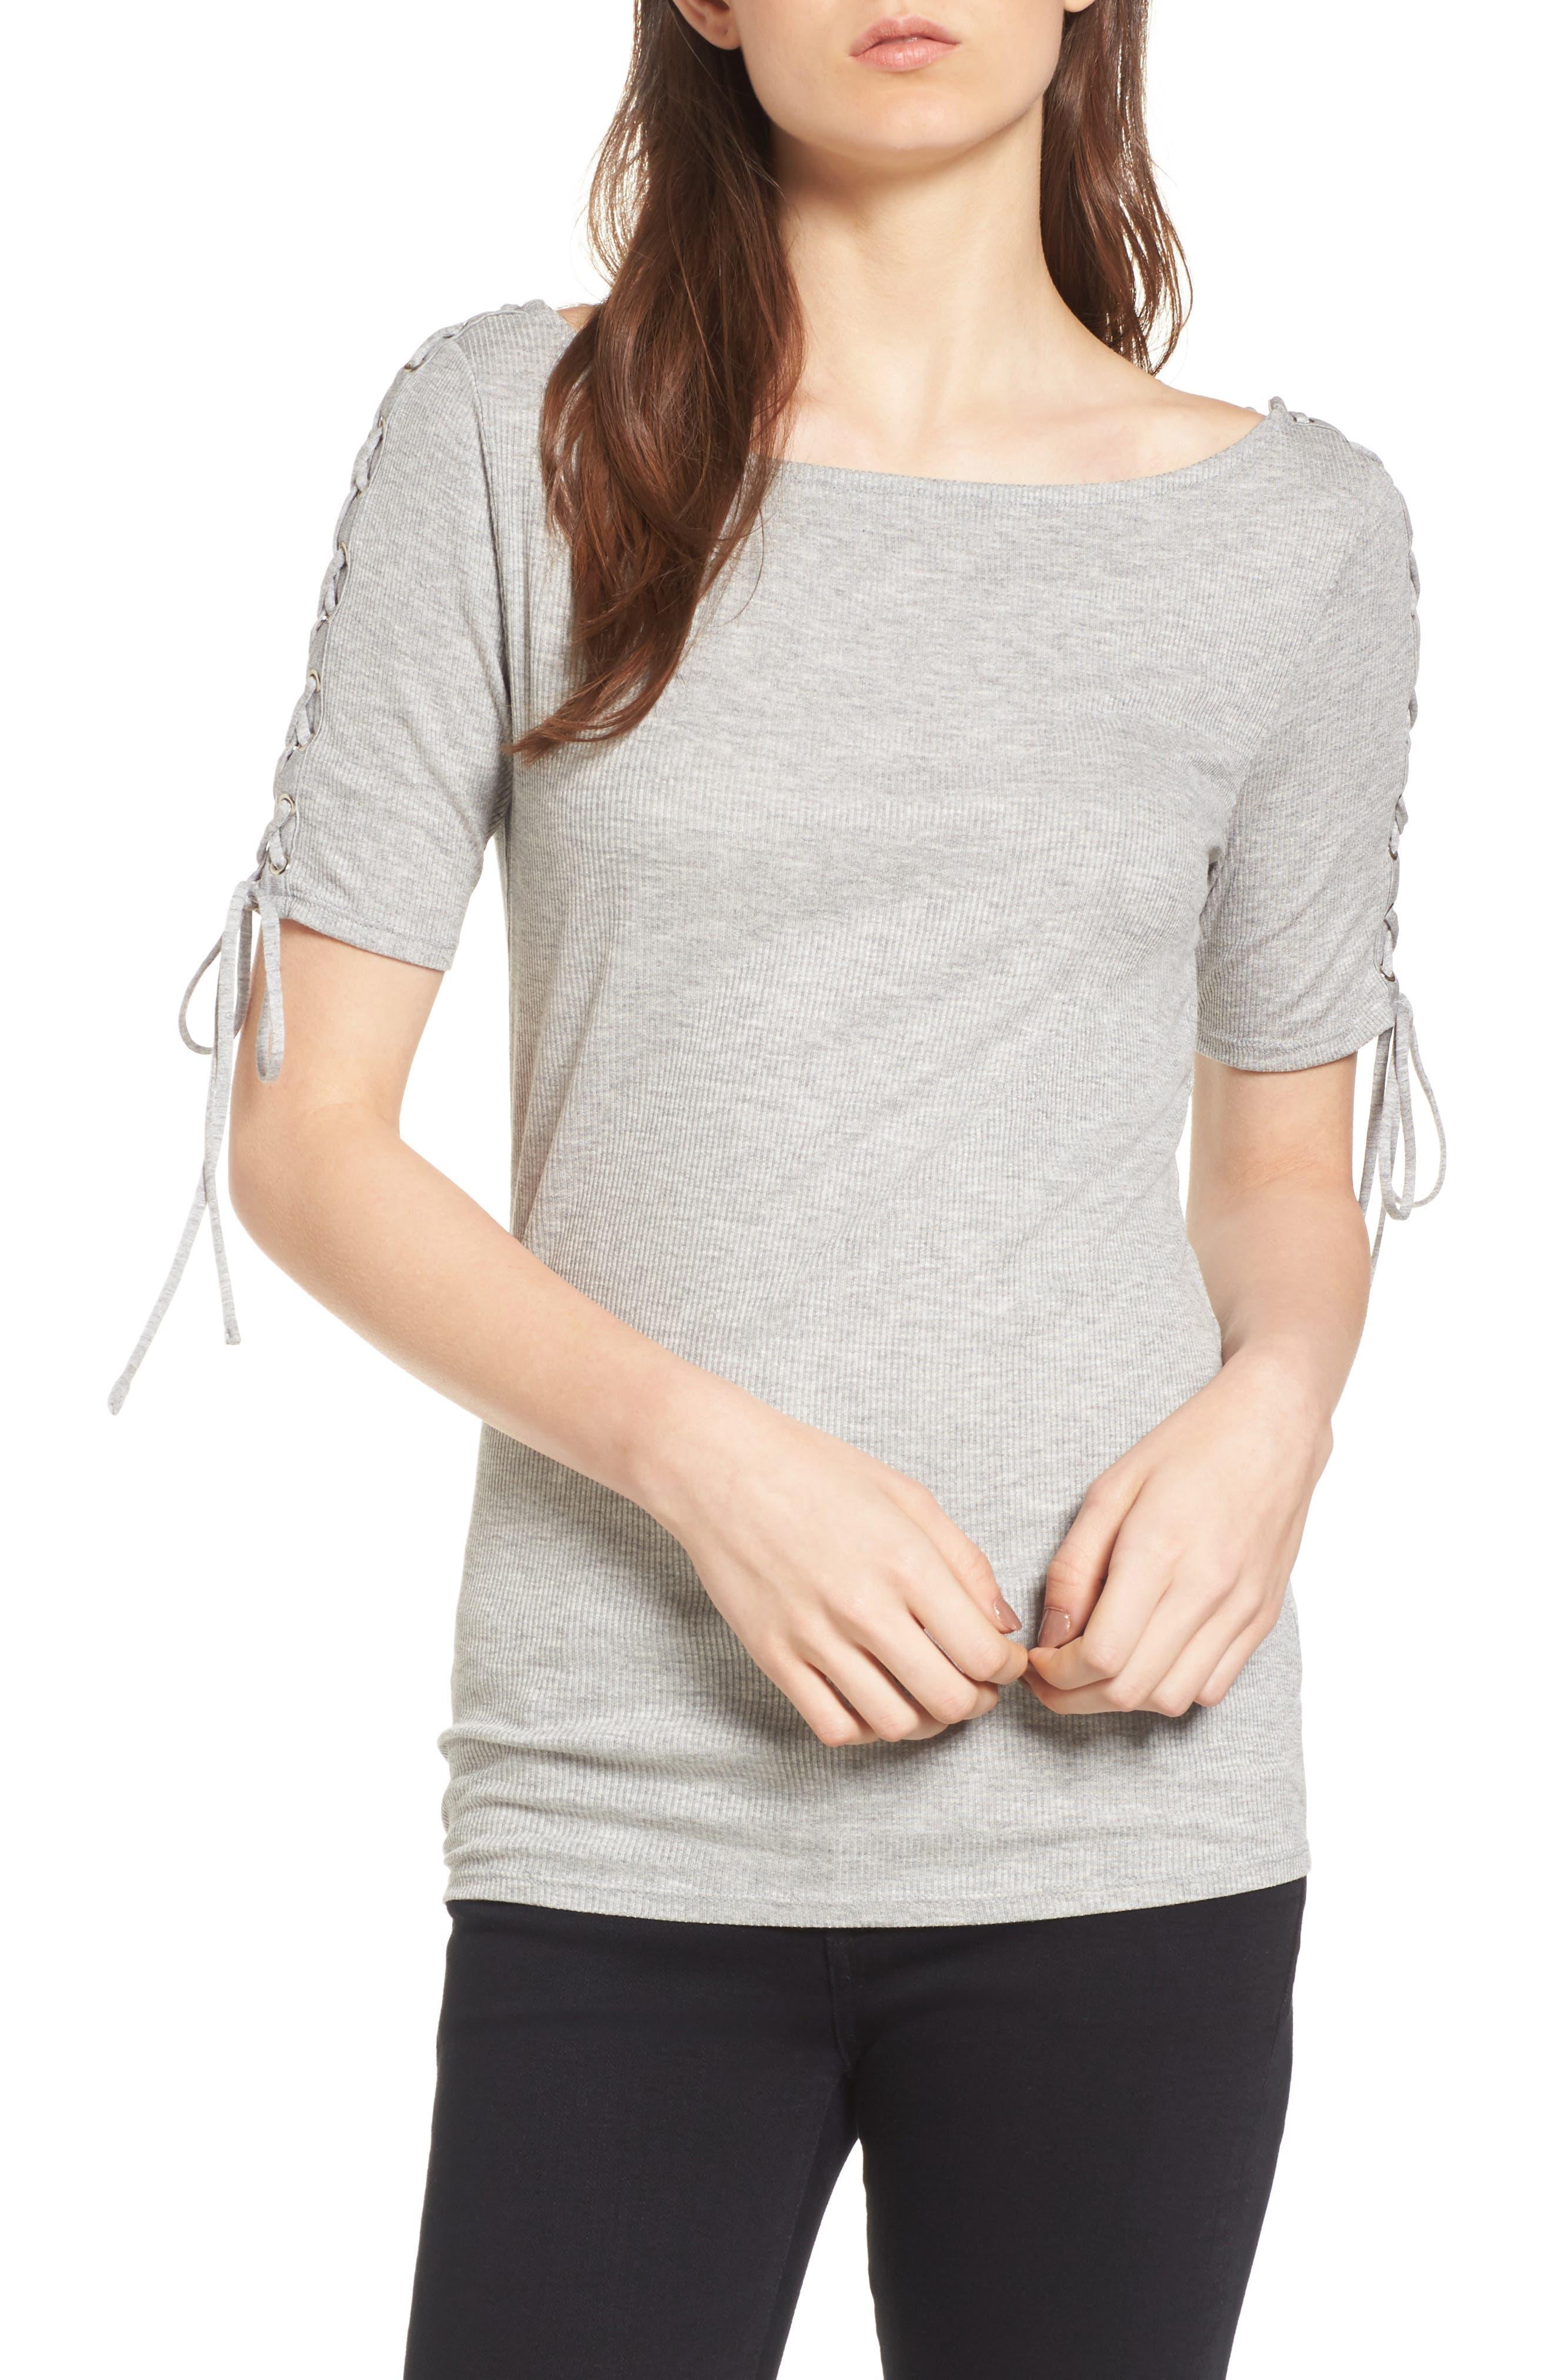 Trouvé Lace-Up Sleeve Top